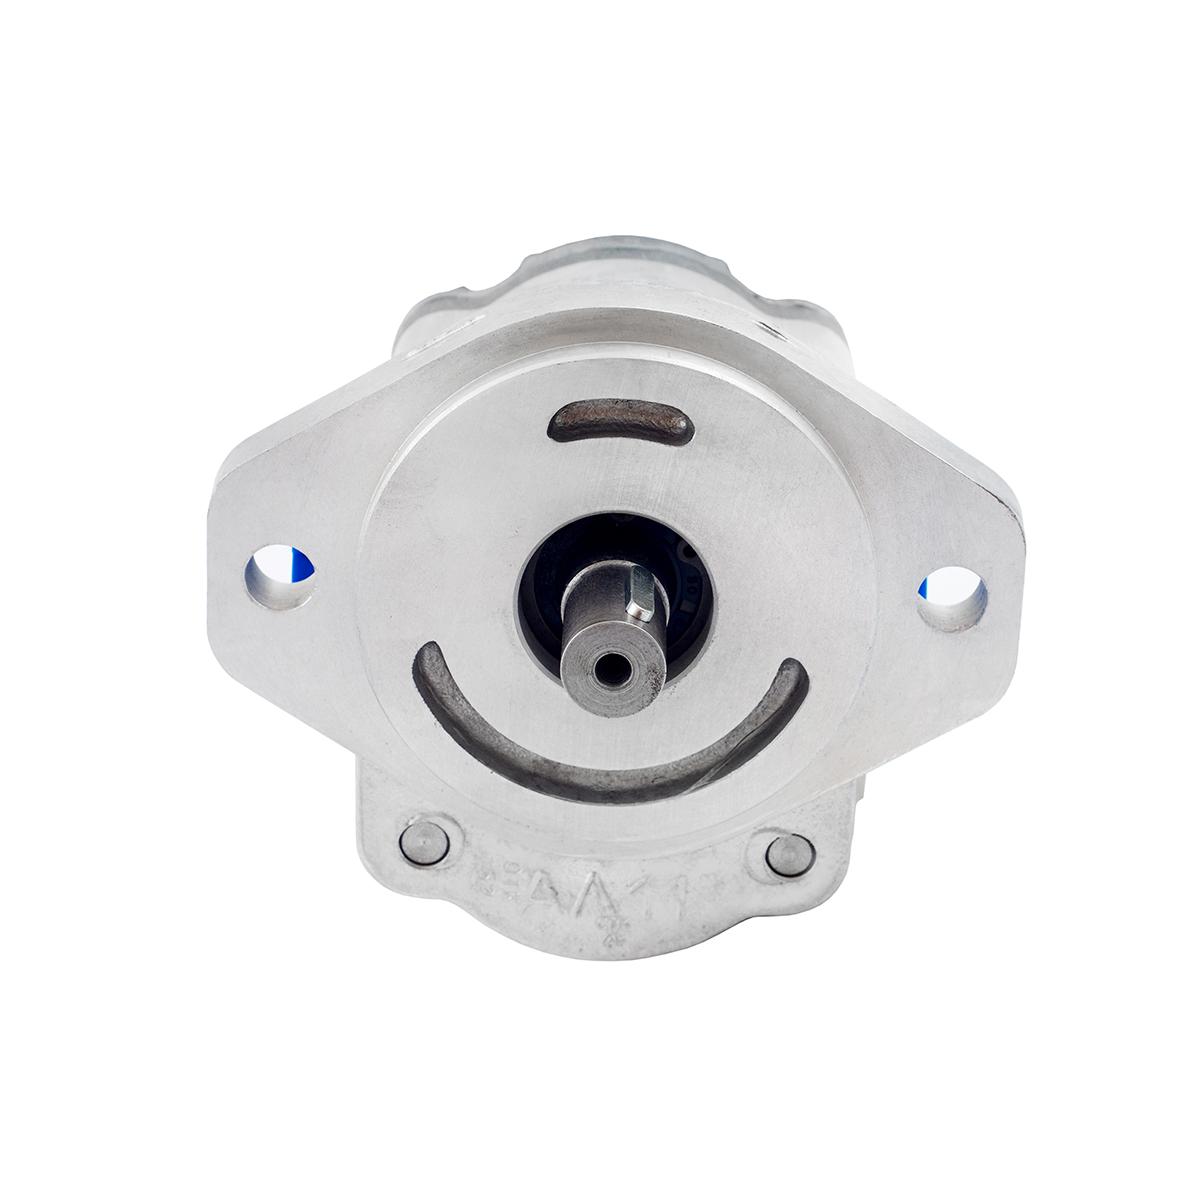 2.44 CID hydraulic gear pump, 7/8 keyed shaft counter-clockwise gear pump | Magister Hydraulics